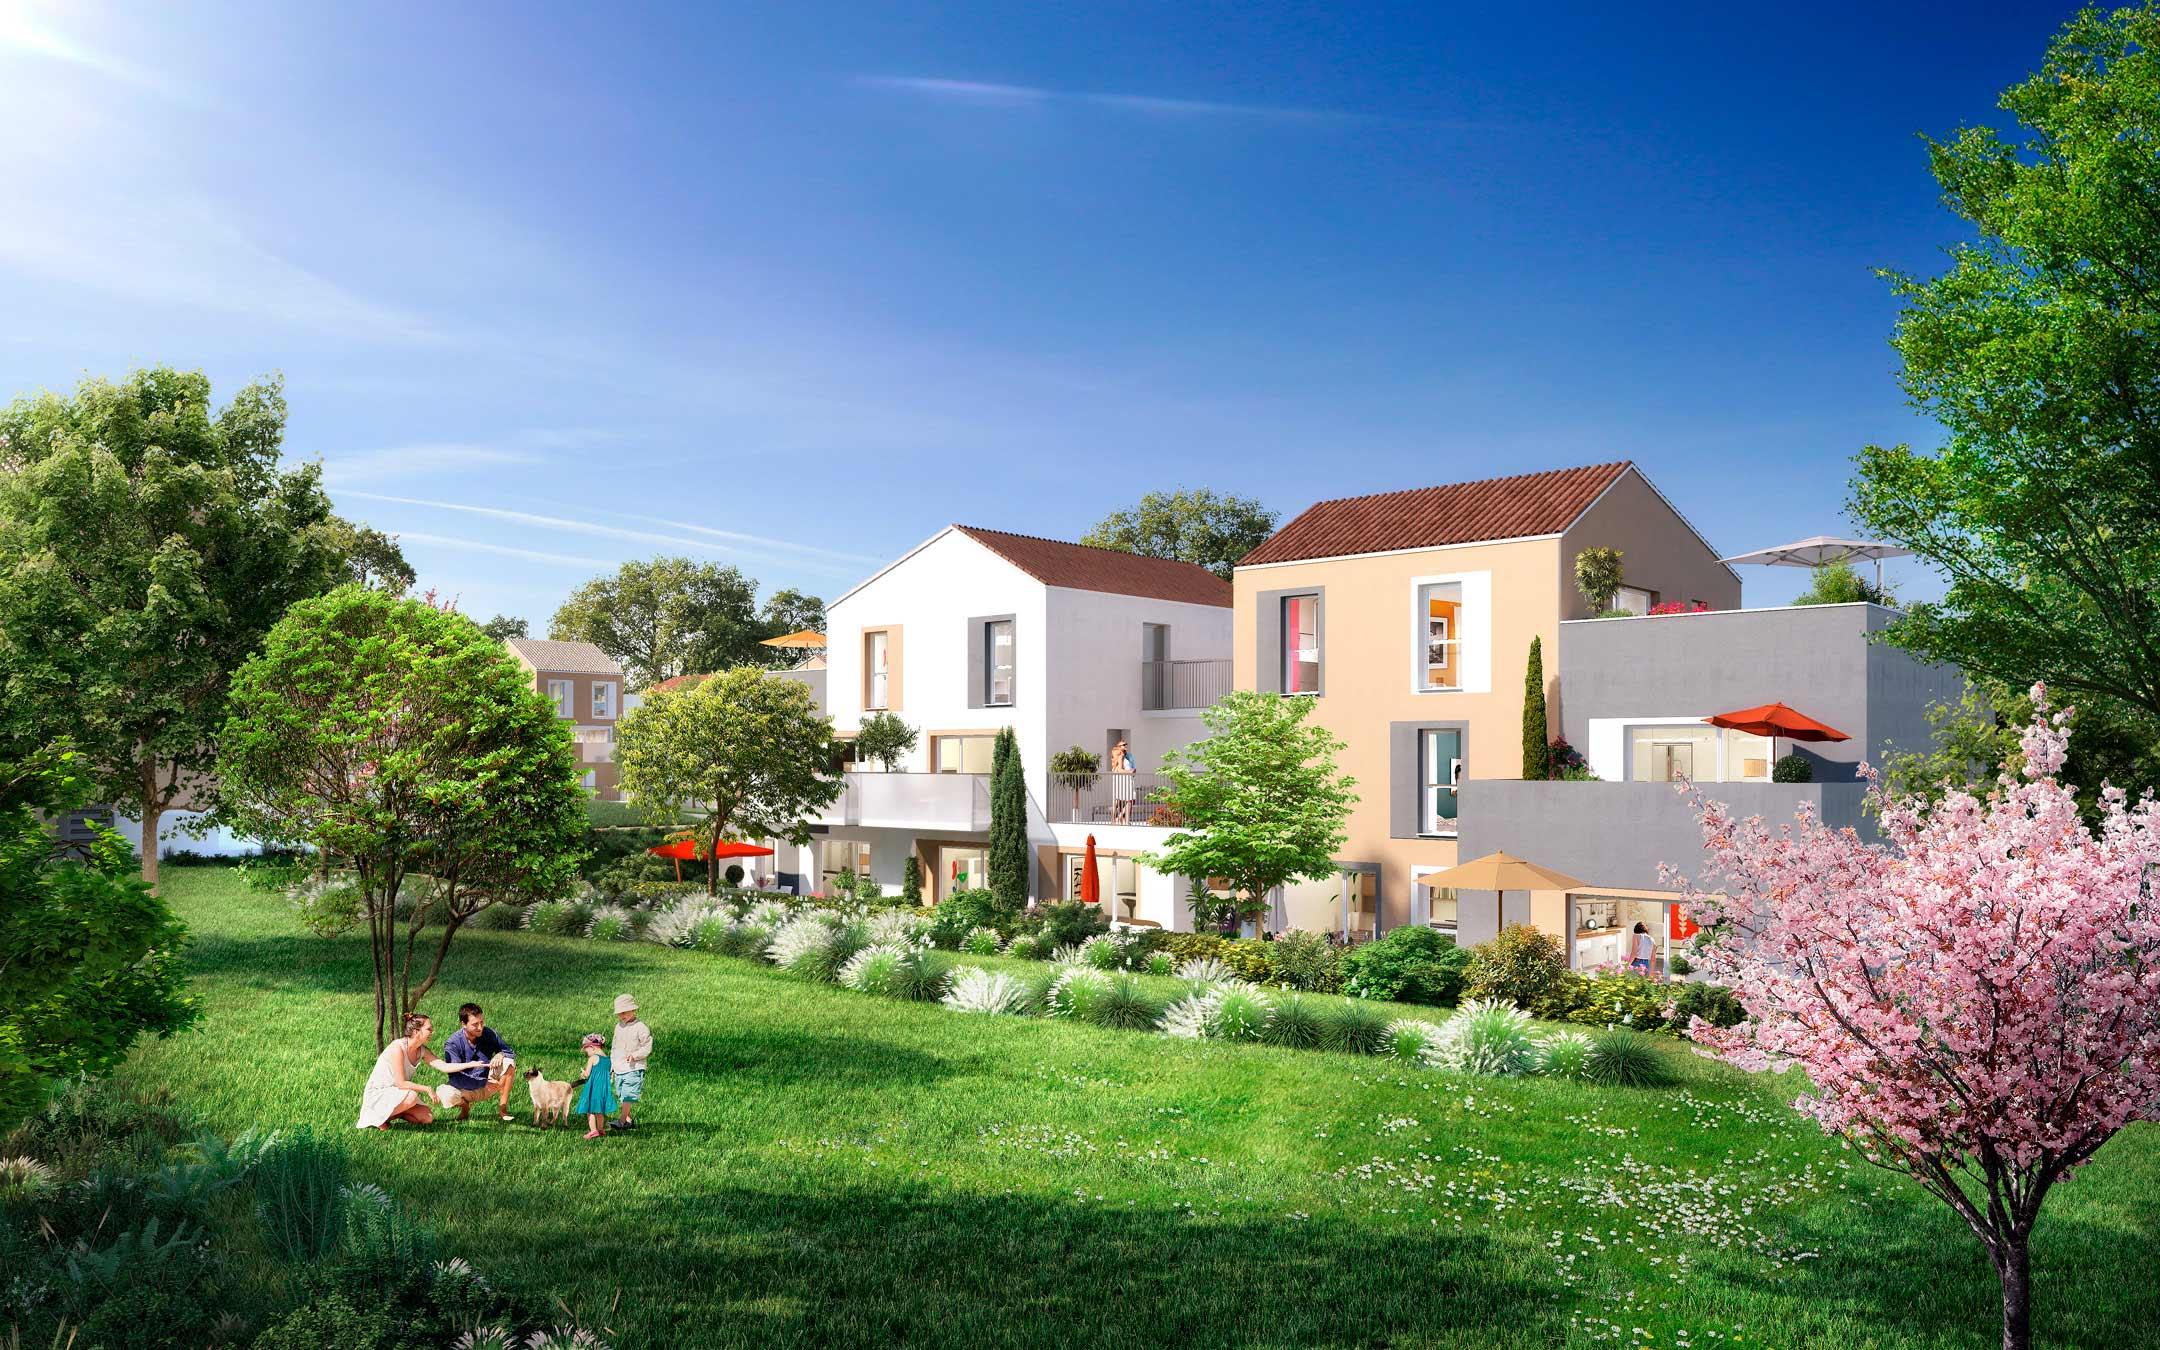 新房 – Saint-Ouen-l'Aumône – 2020年3季度交房